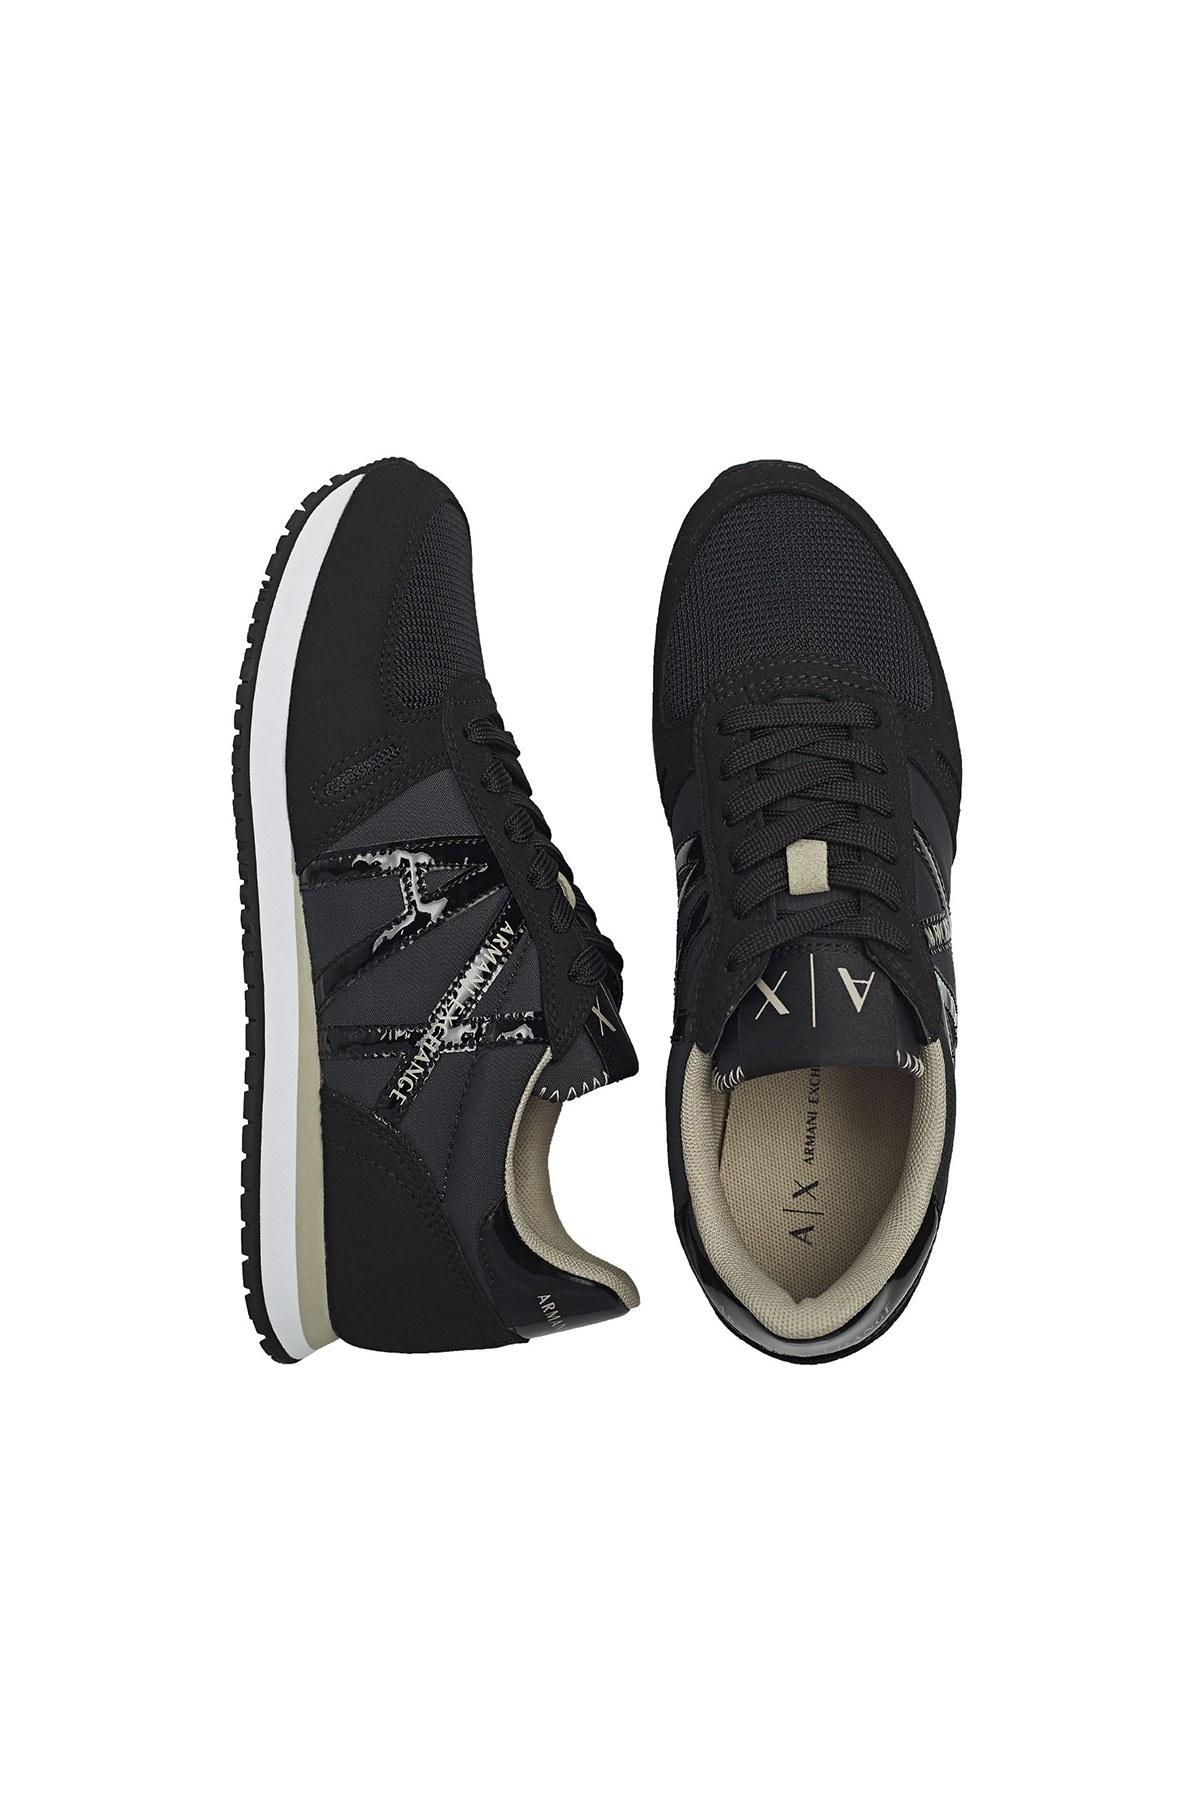 Armani Exchange Günlük Spor Bayan Ayakkabı XDX031 XCC62 K516 SİYAH